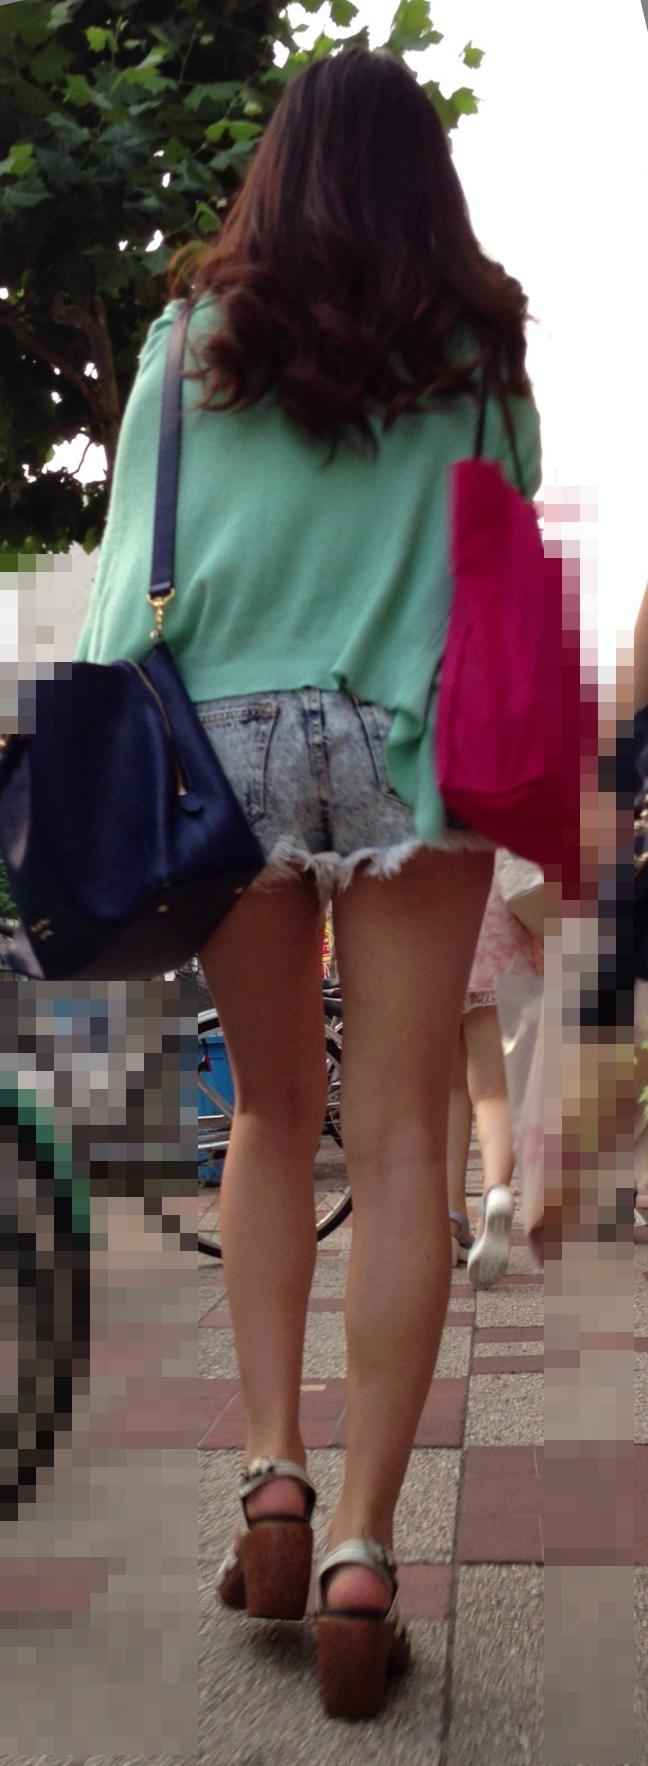 【ショーパンエロ画像】イイ尻と脚を惜しみなく見せるショーパン女子のありがたみwww 17